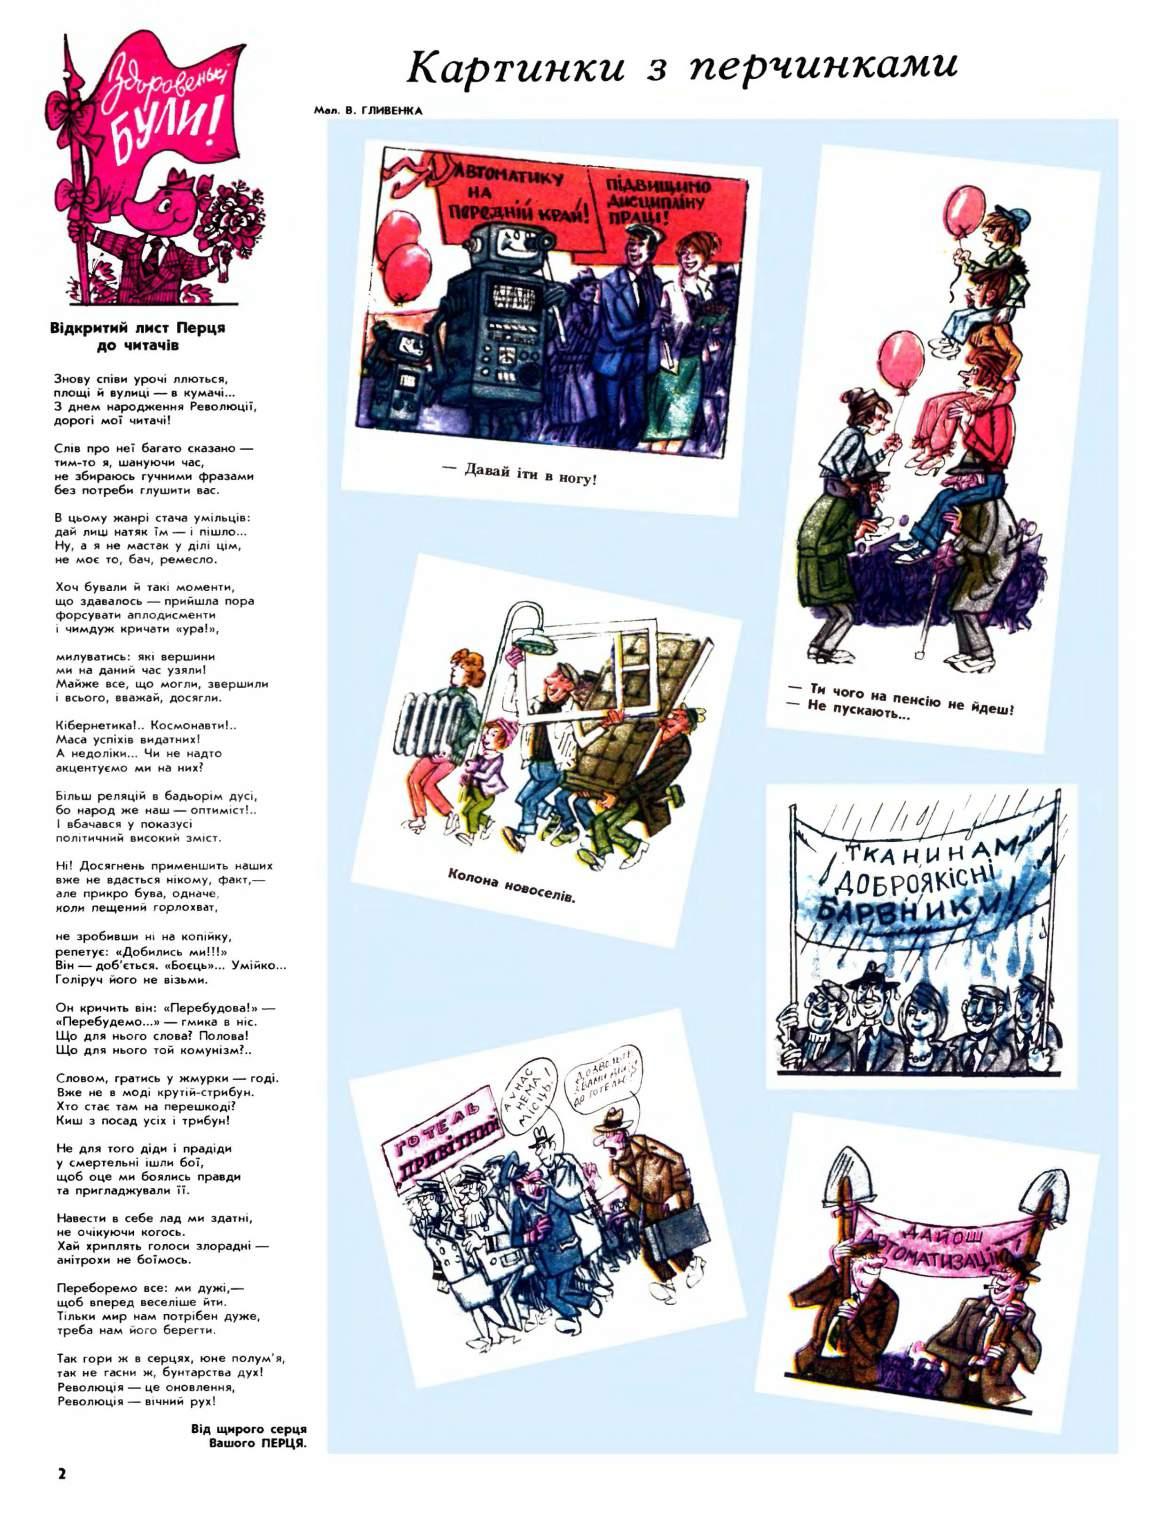 Журнал перець 1986 №21